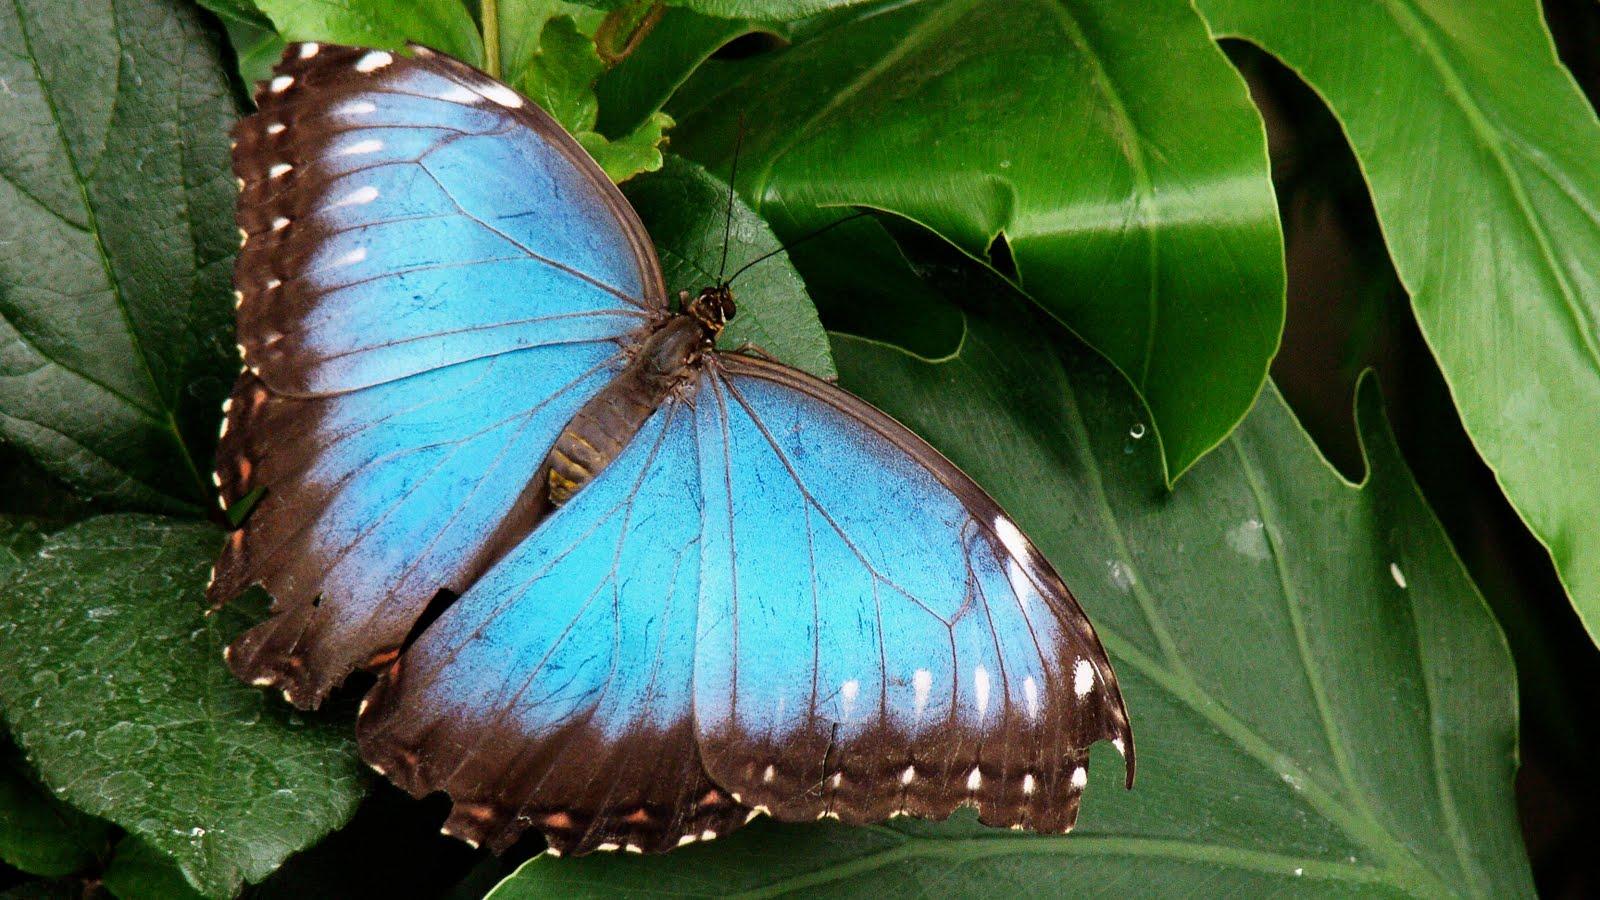 Mon r el montr al papillons en libert au jardin botanique for Papillon jardin botanique 2015